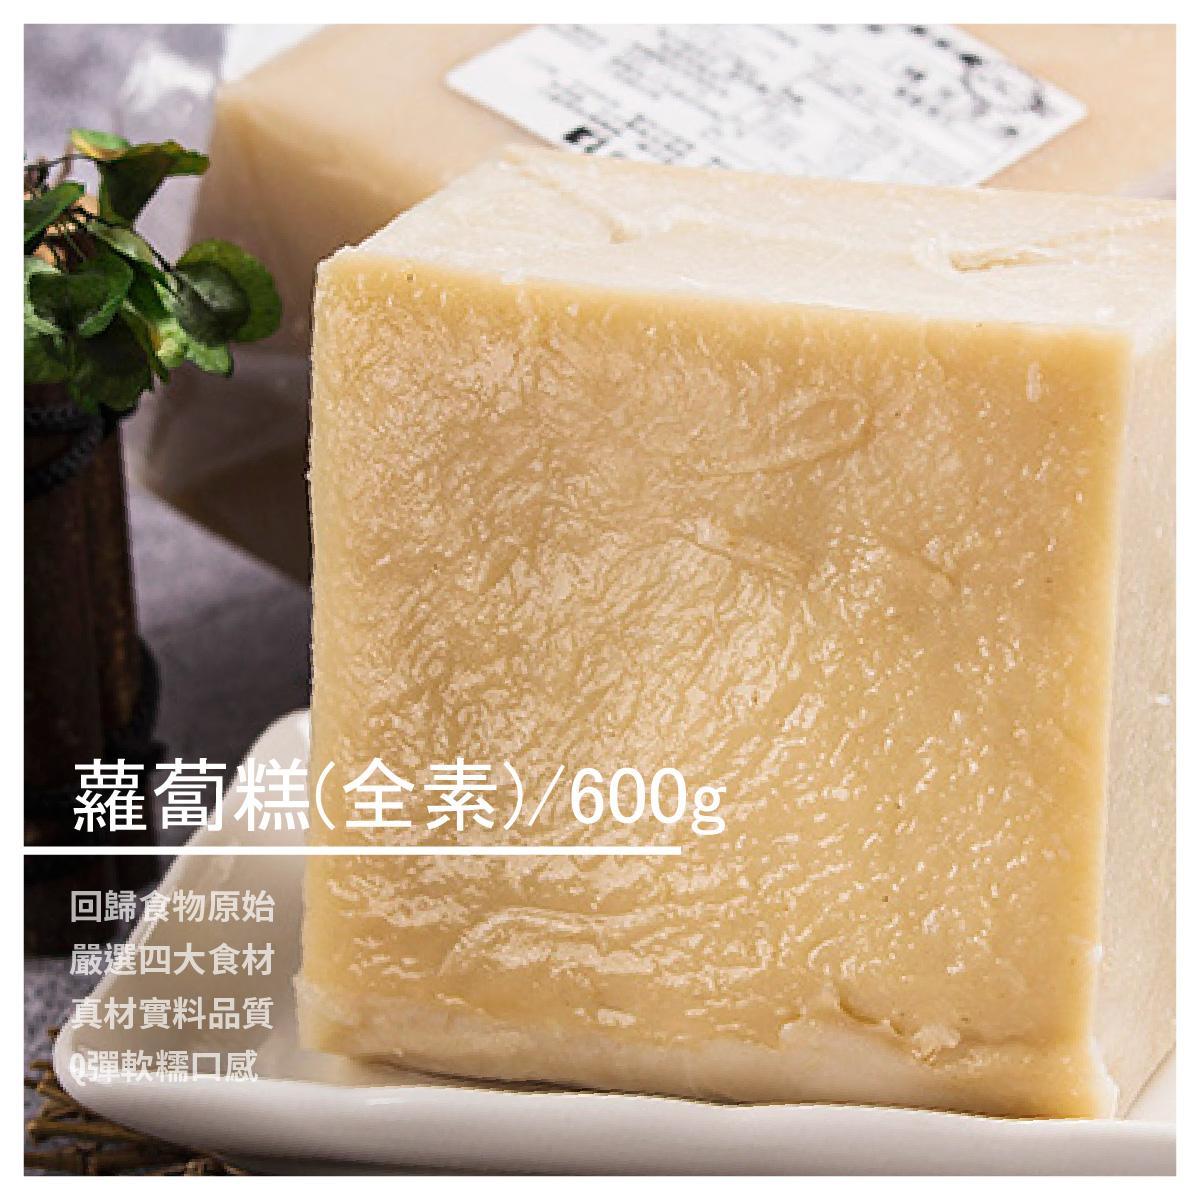 【有點粿】傳統古早味手作蘿蔔糕(全素)/600g/包